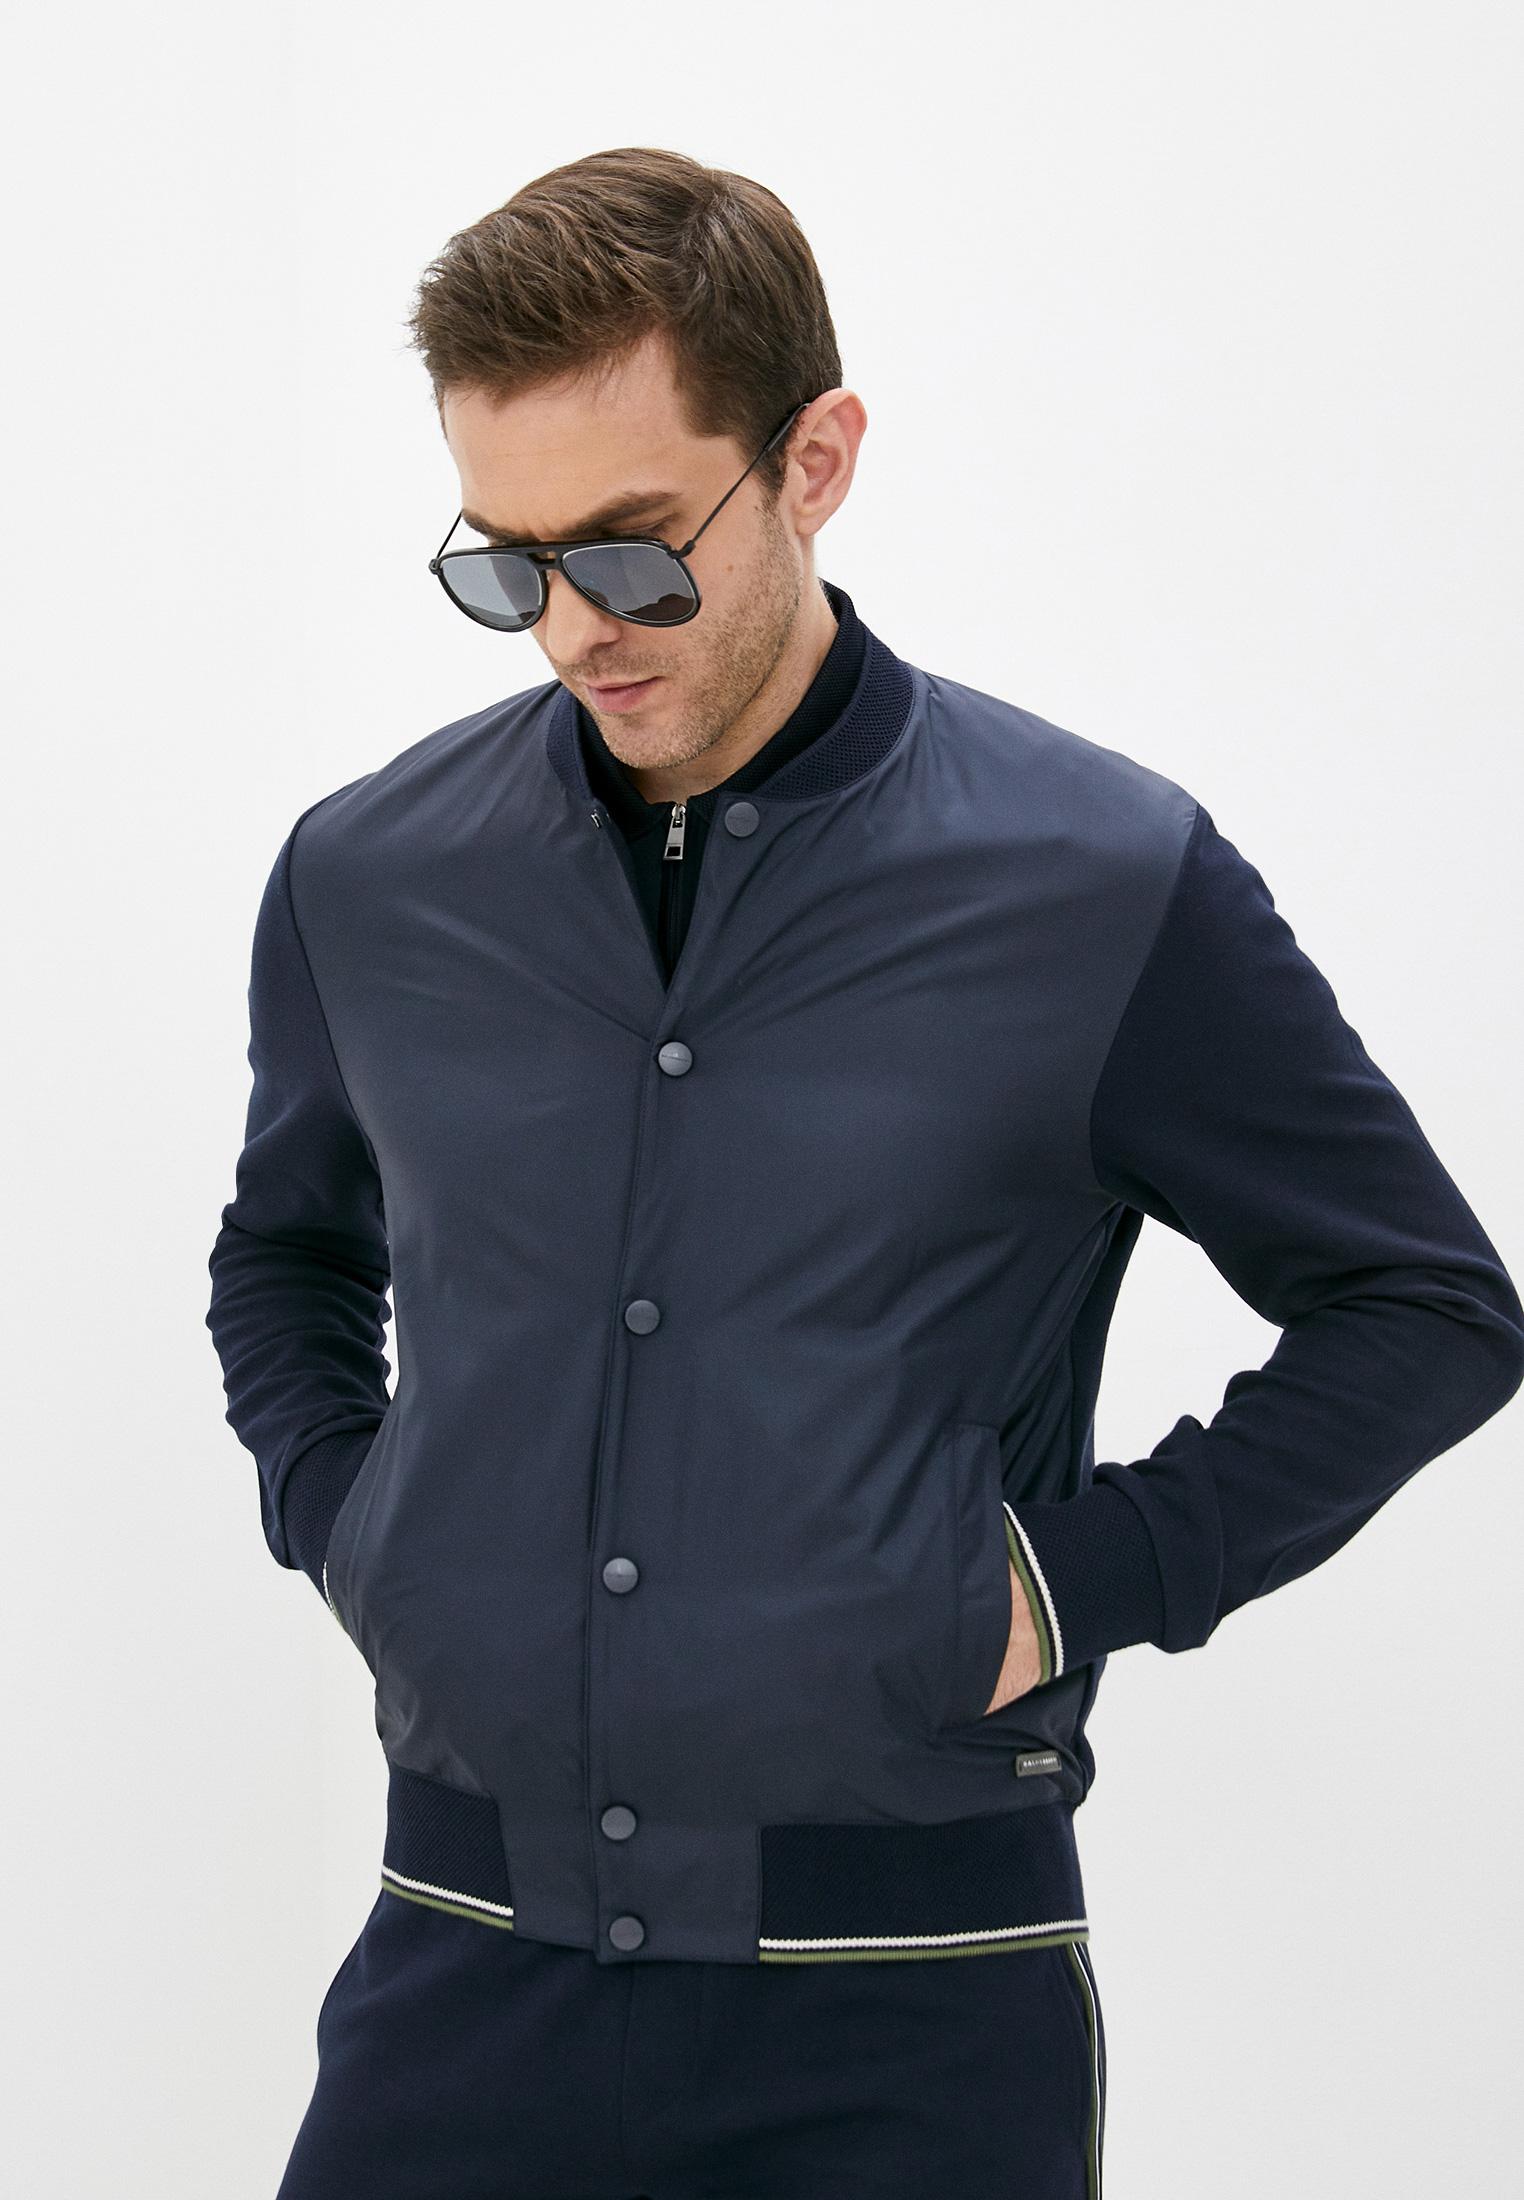 Мужская верхняя одежда BALDESSARINI (Балдессарини) Куртка Baldessarini